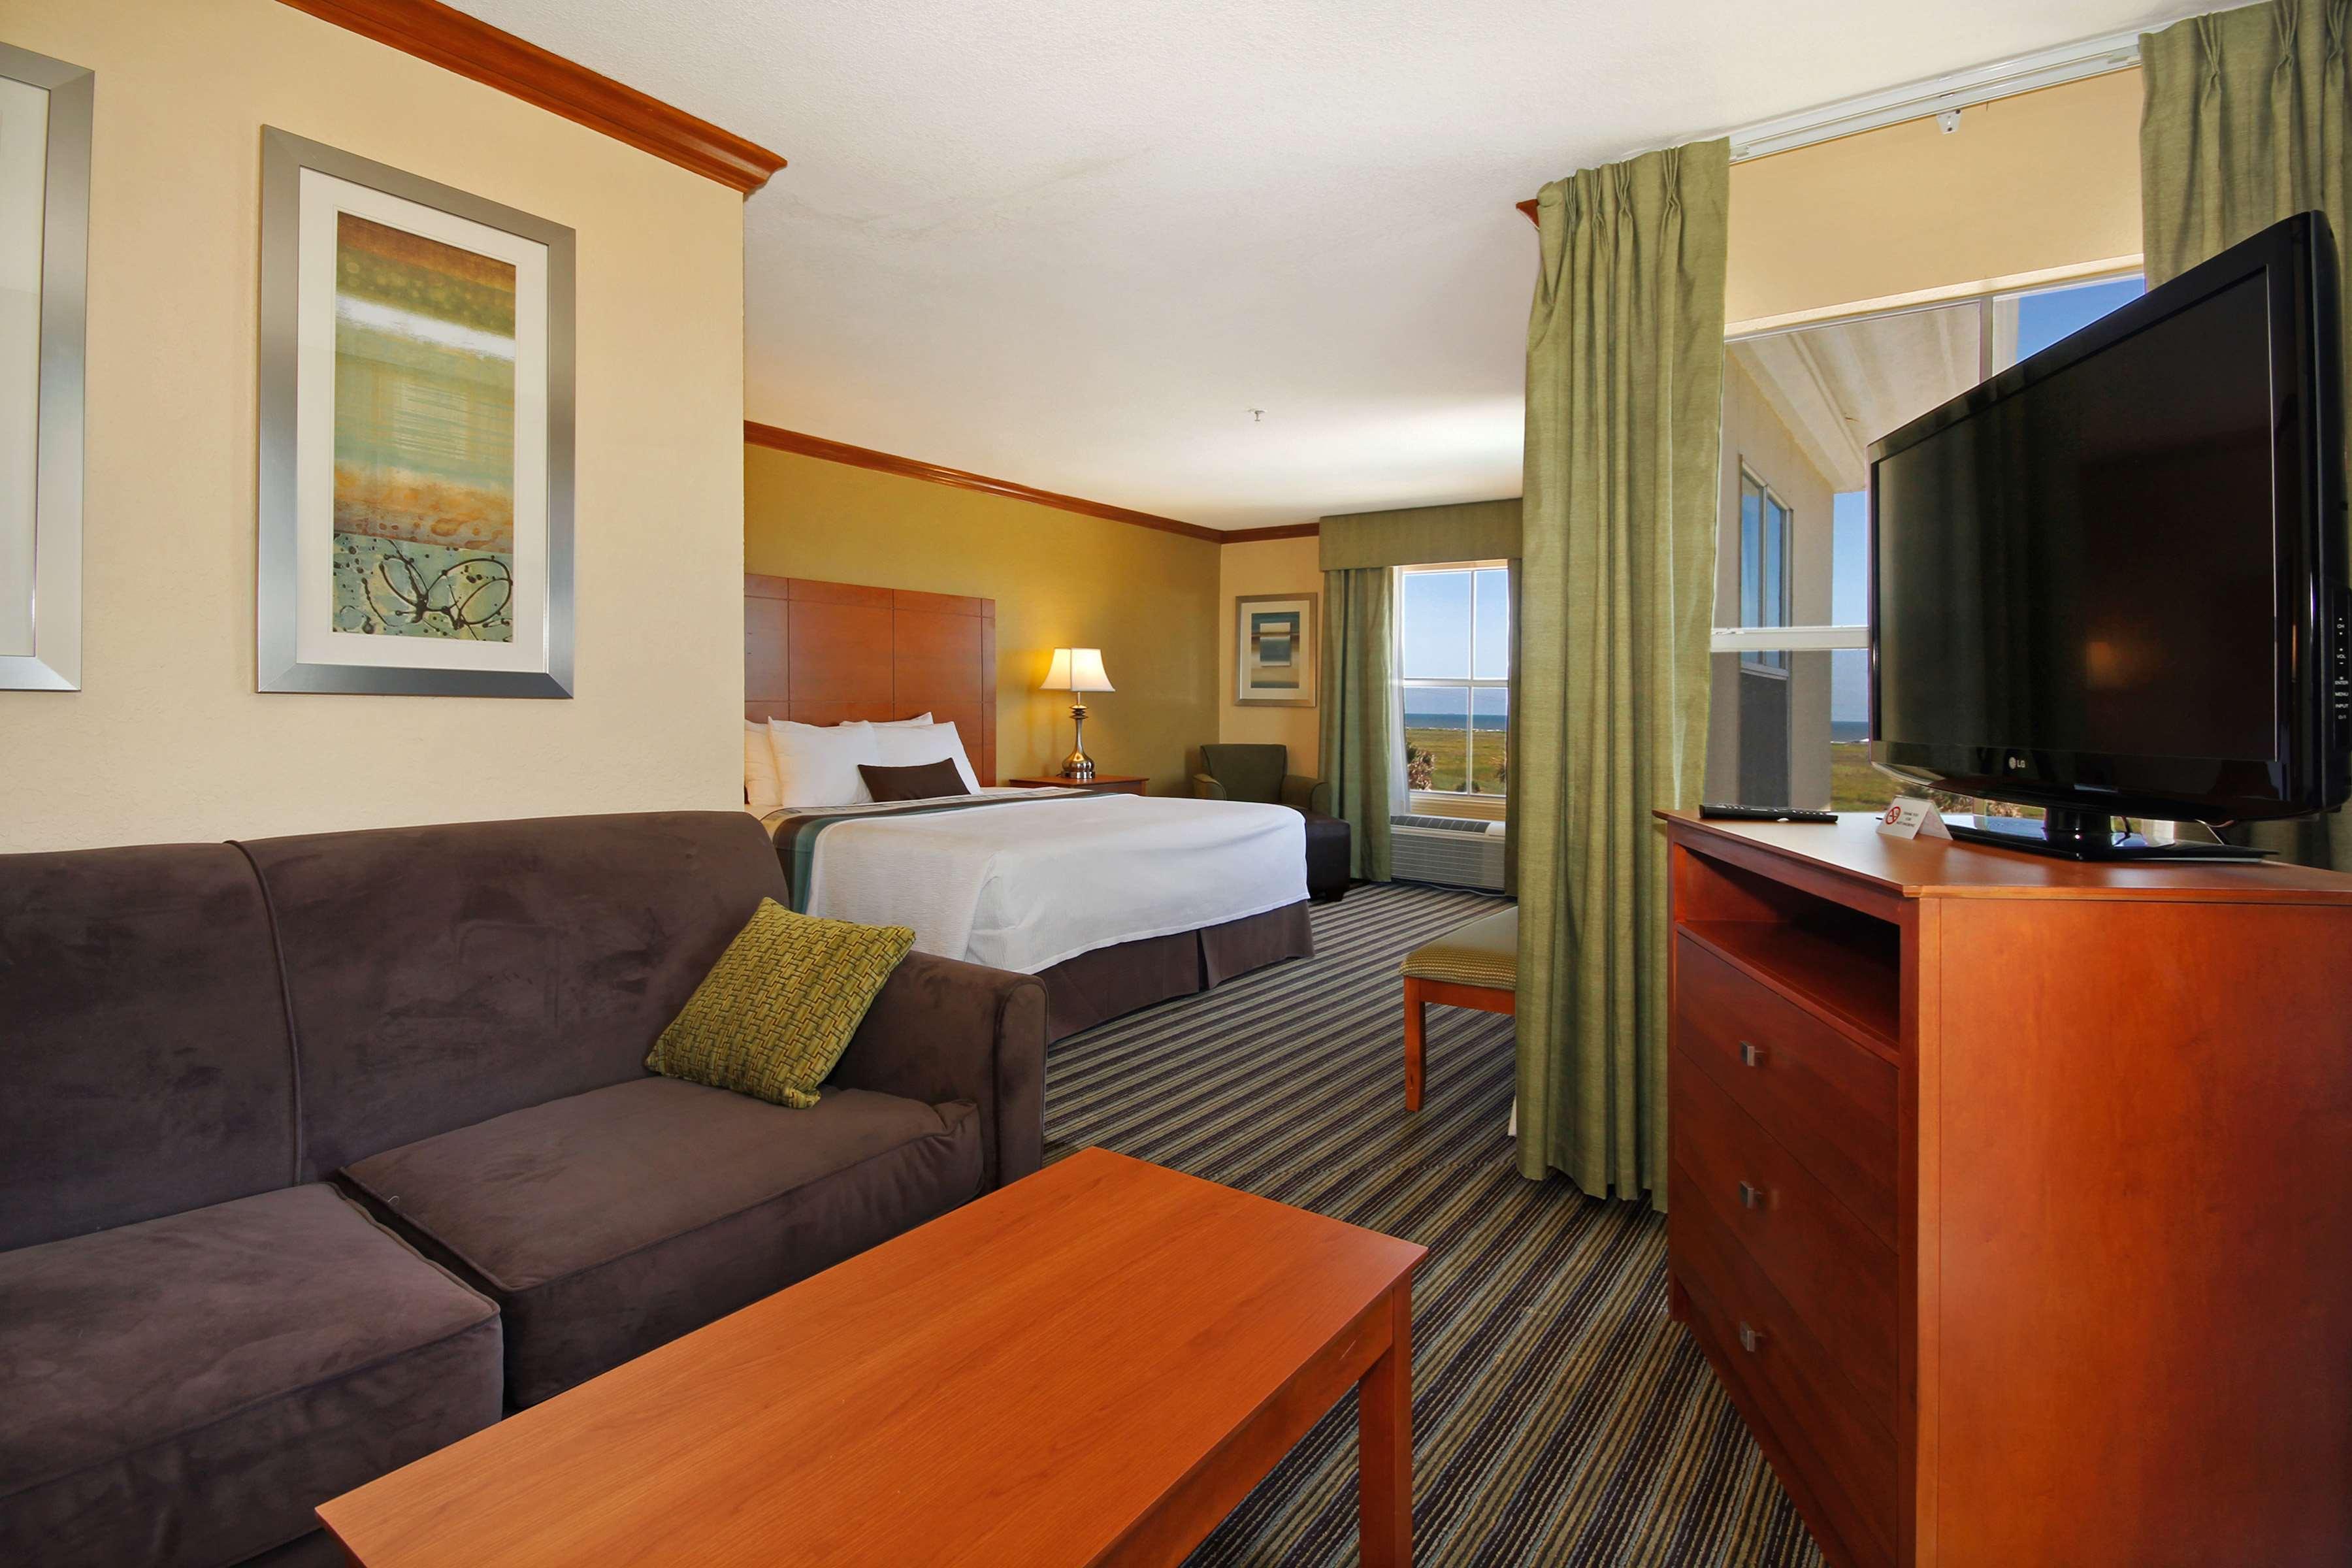 Best Western Plus Seawall Inn & Suites by the Beach image 13